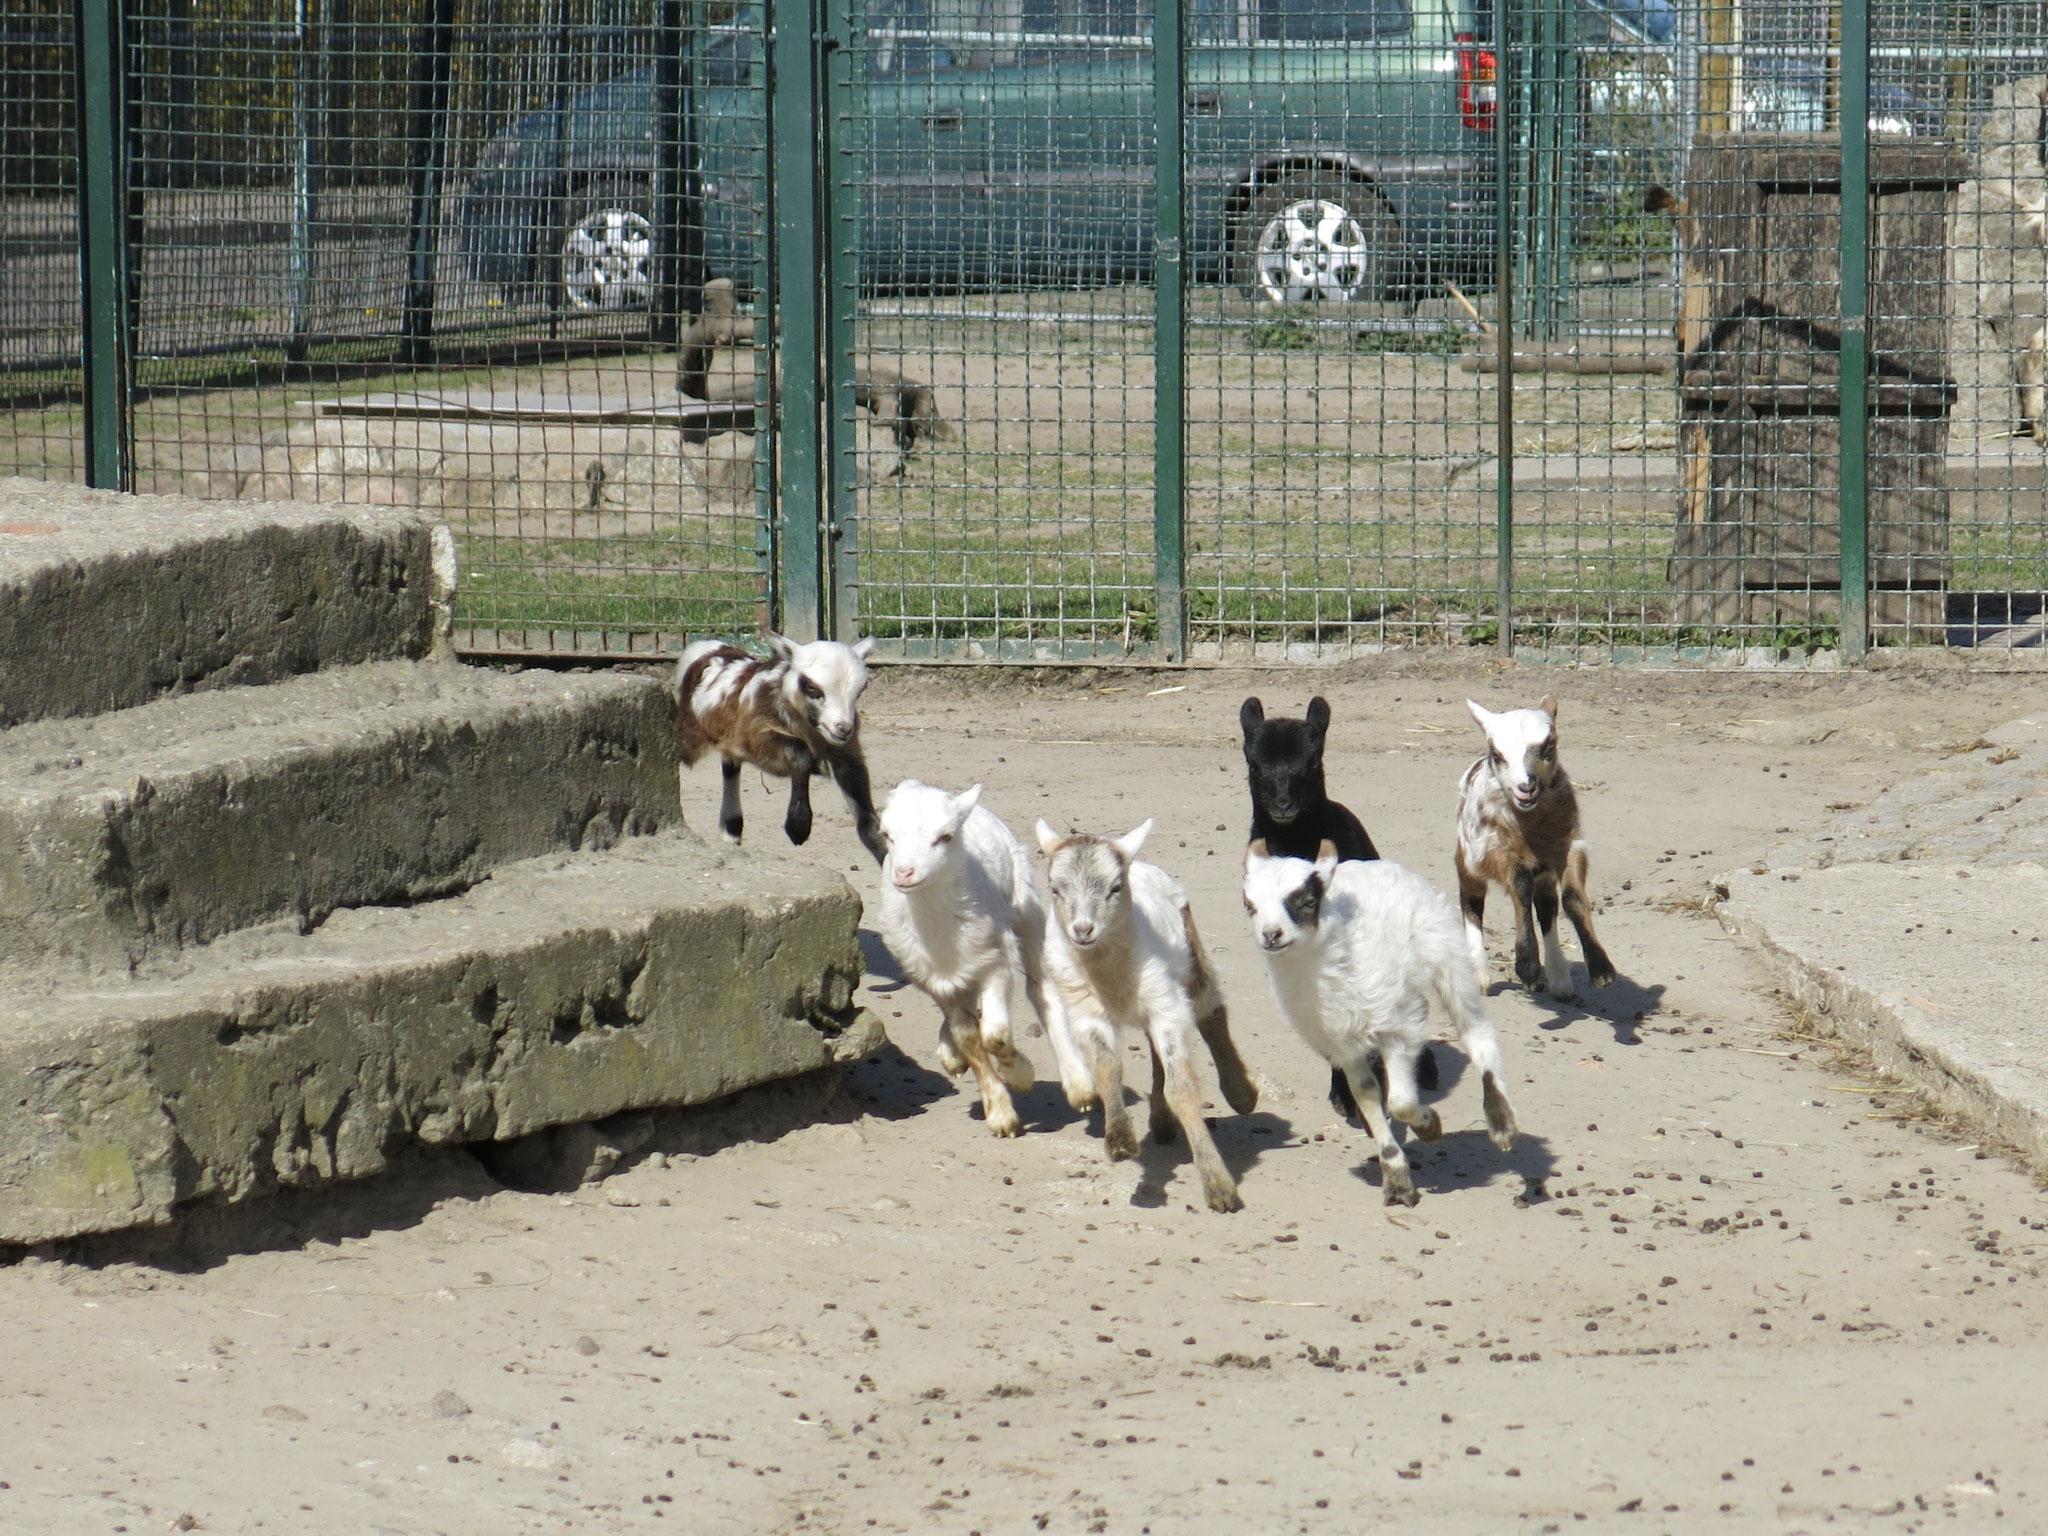 Tipp 10: Alt-Marzahn: Richtig was los ist in diesen Tagen in den Gehegen des Tierhofs Alt-Marzahn, wo viele kleine Zicklein und Lämmer munter durch die Gegend toben.